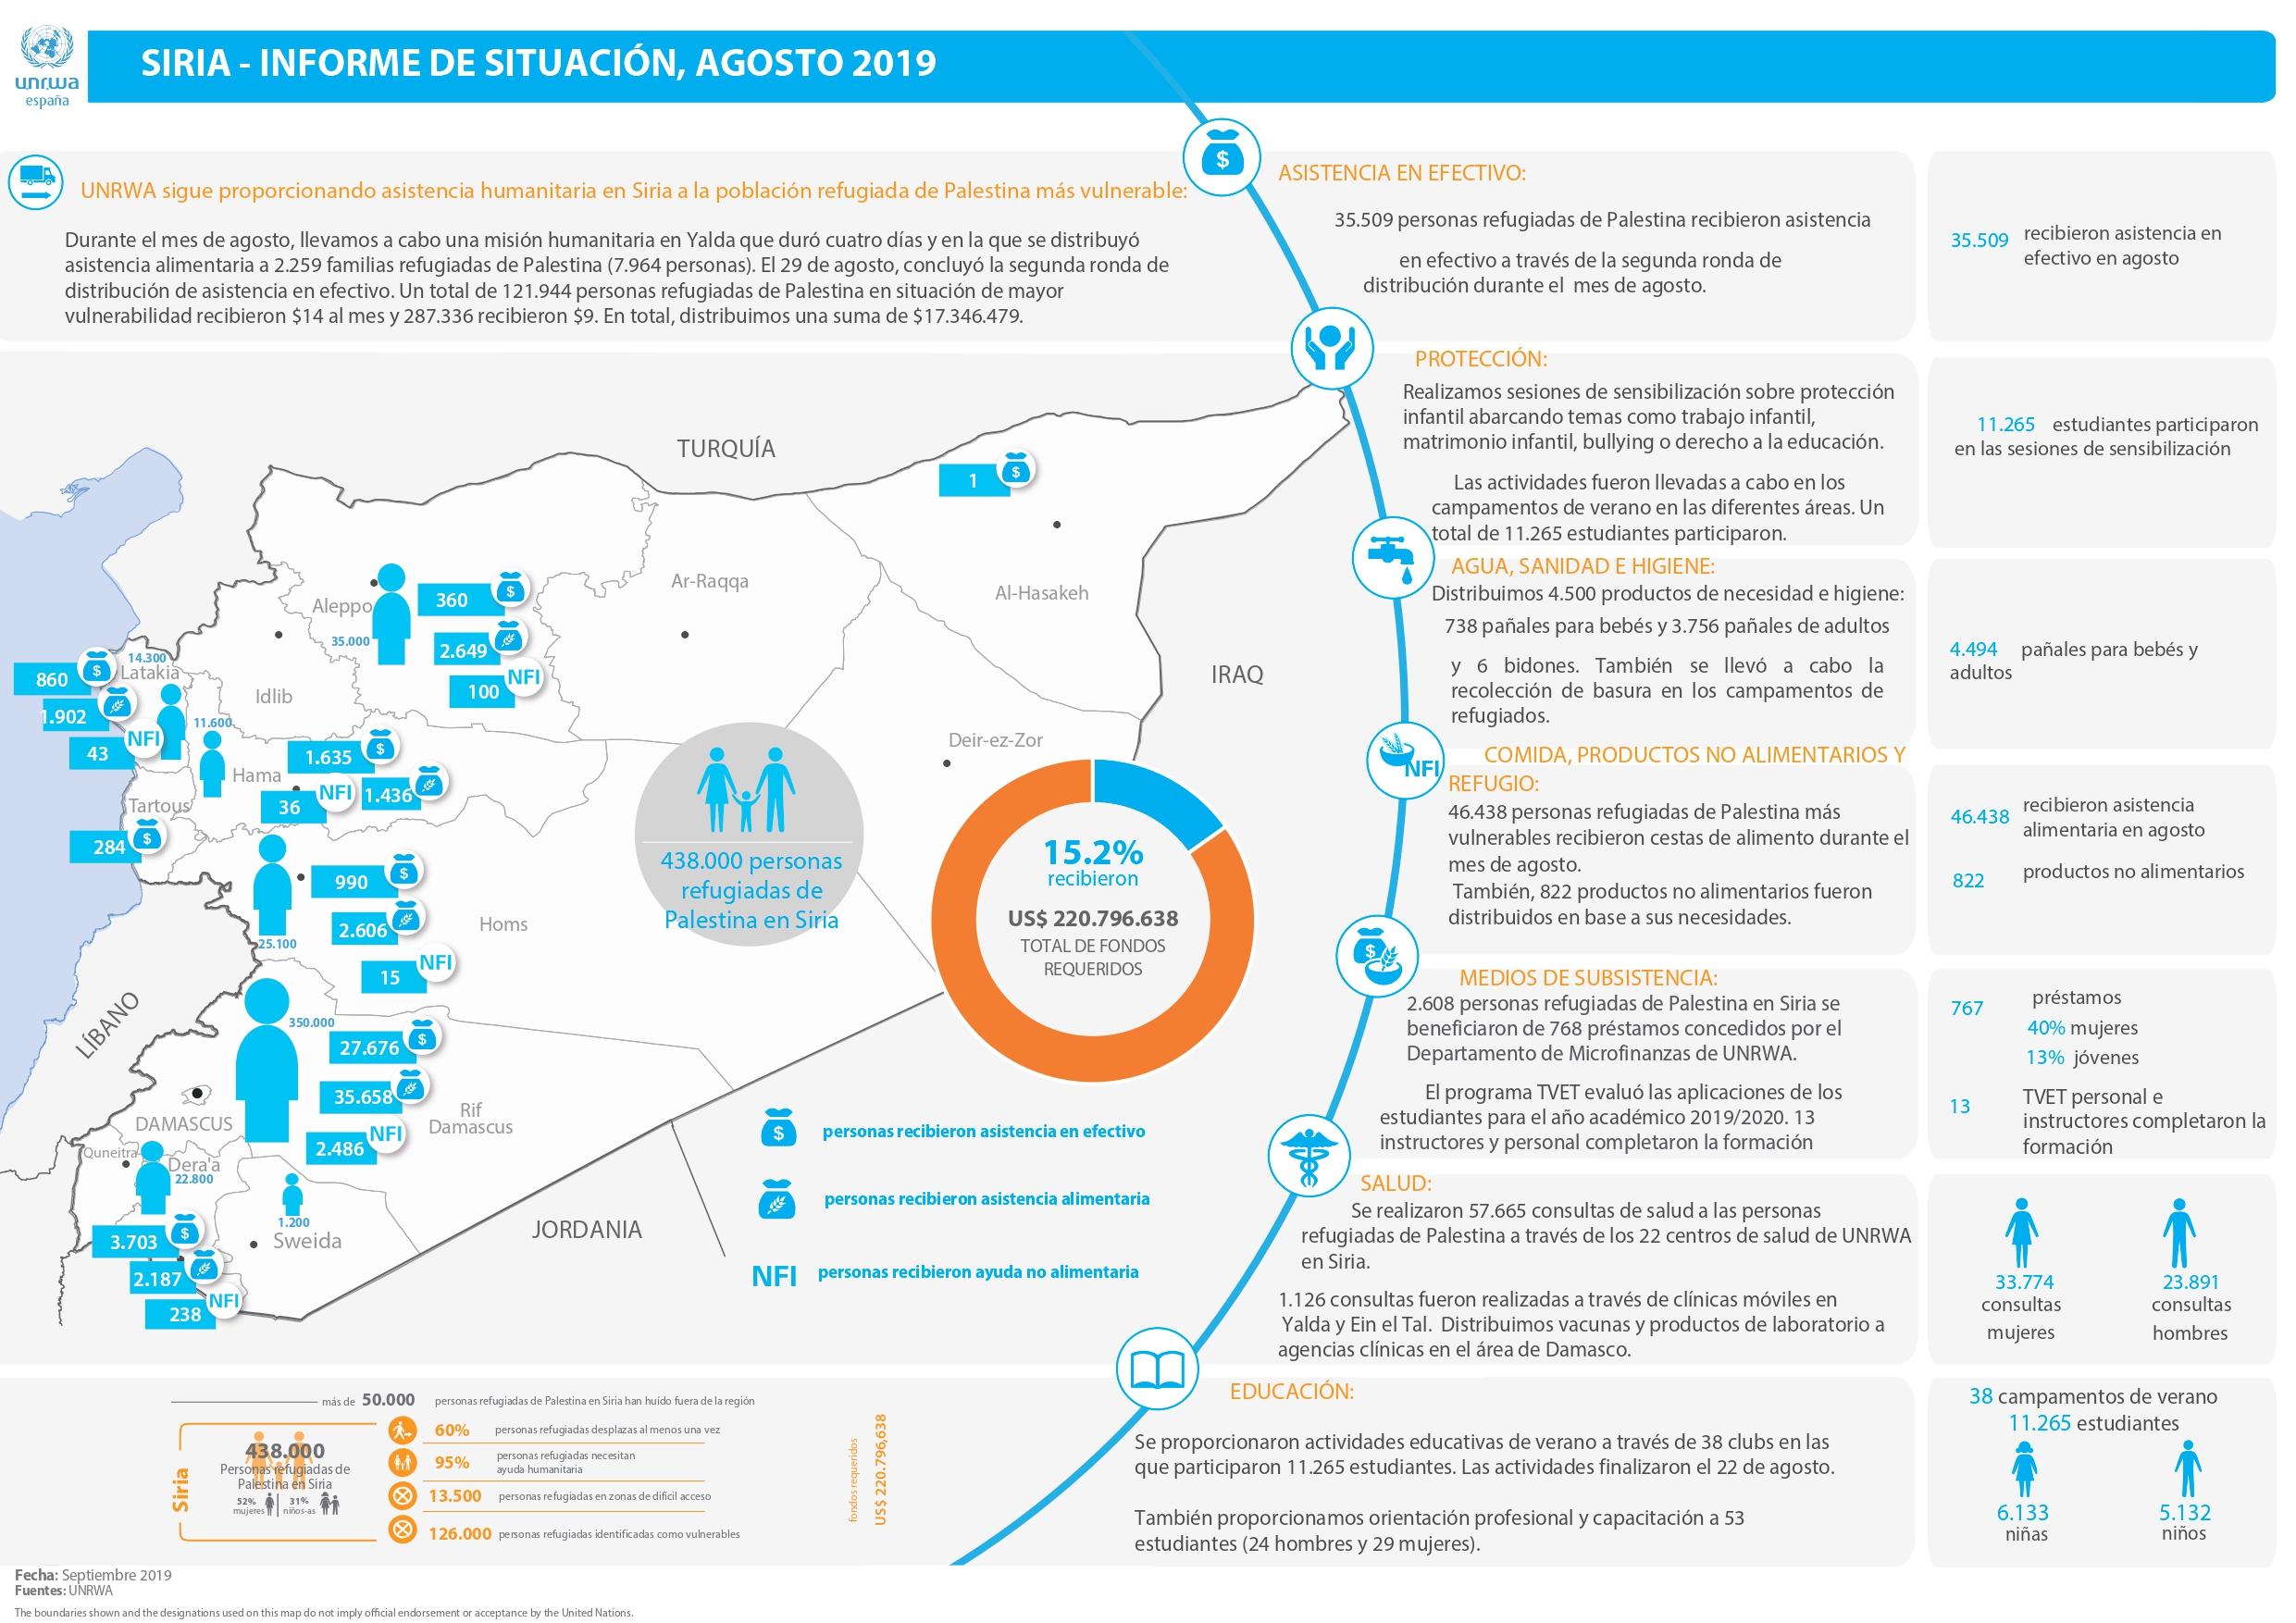 Actualización de la situación humanitaria de los refugiados de Palestina en Siria – agosto 2019